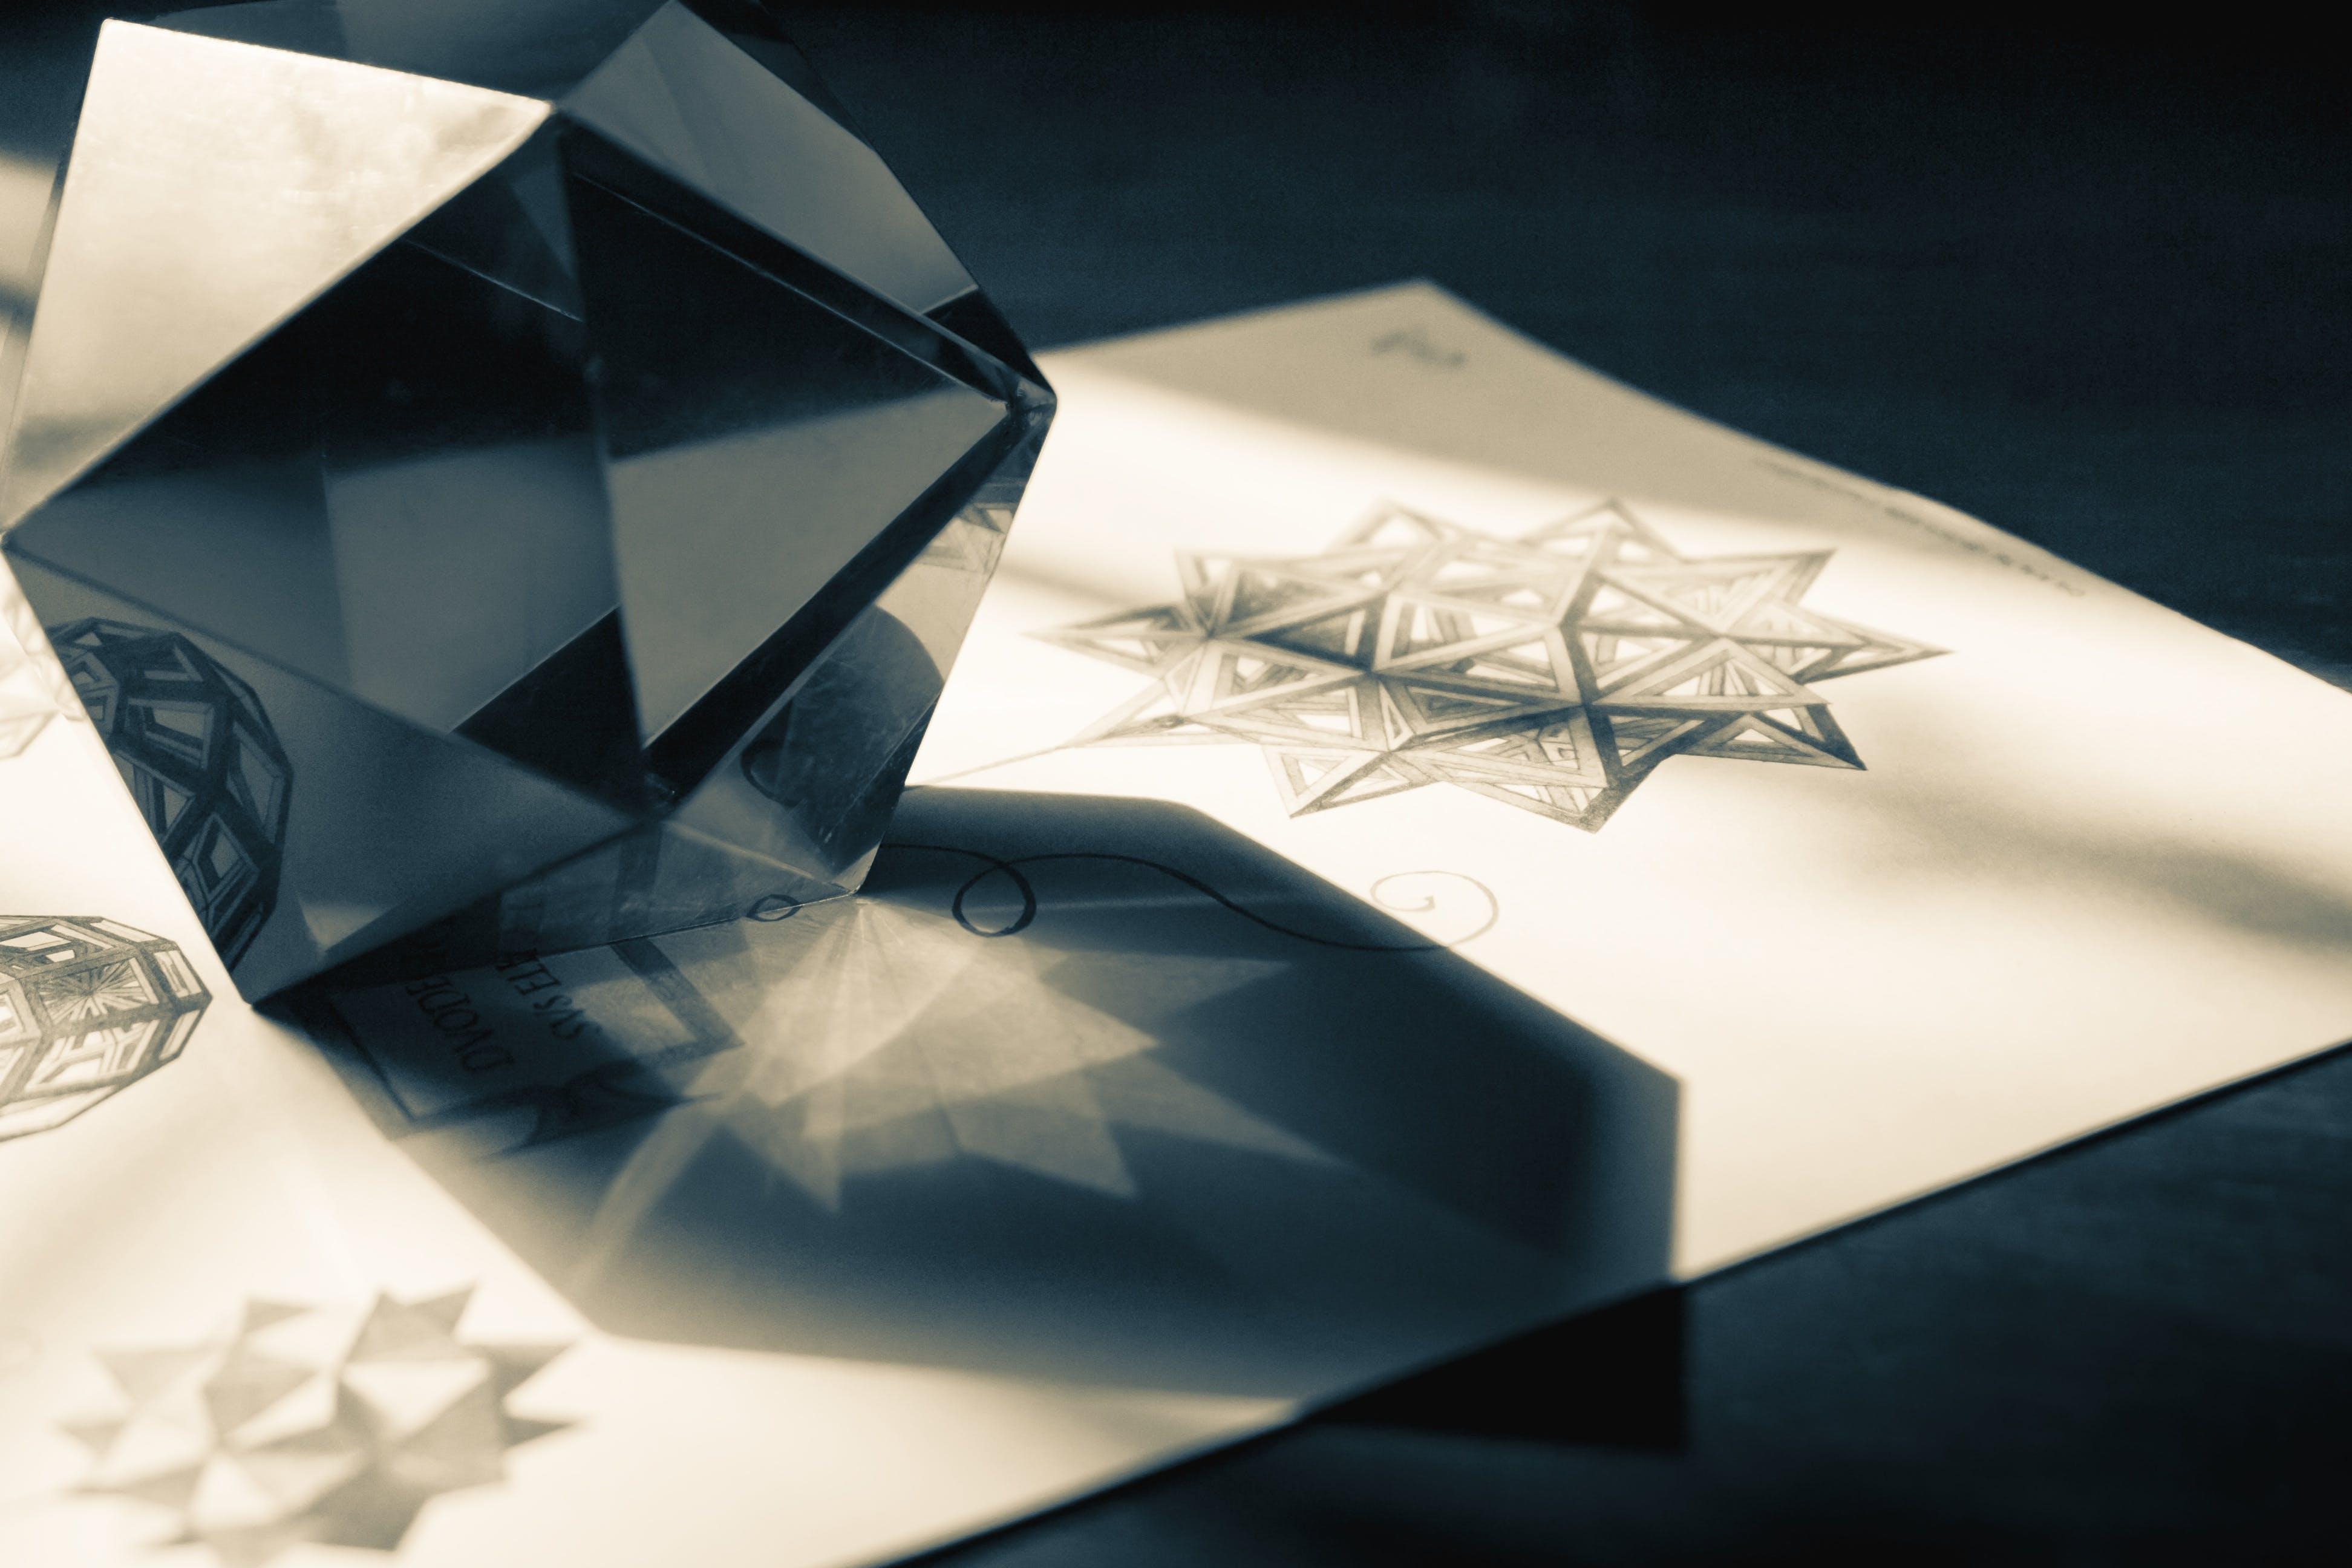 Δωρεάν στοκ φωτογραφιών με γυαλί, δημιουργικός, ζωγραφιά, ντιζάιν